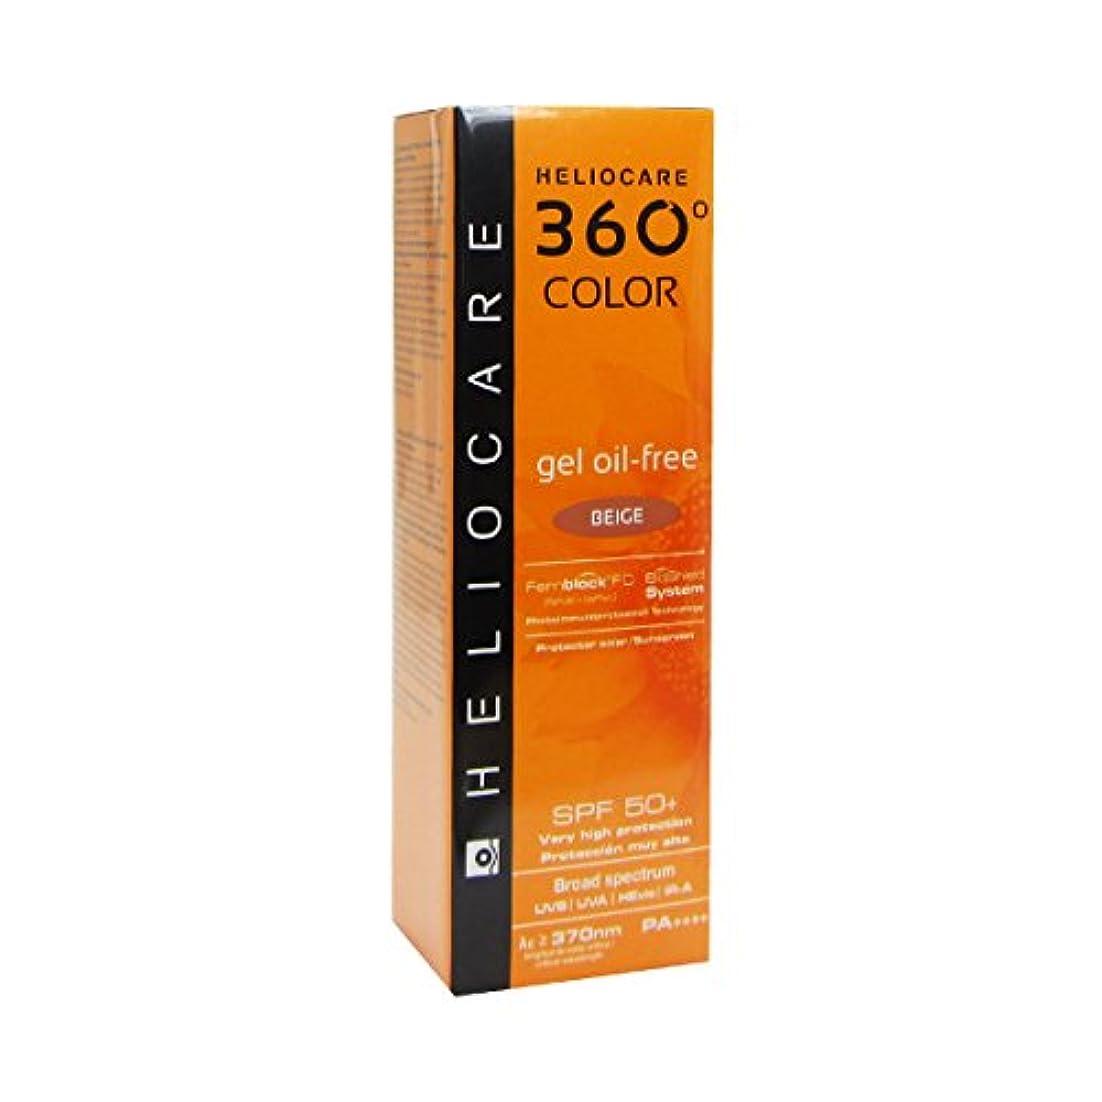 スライムエキスパート流行しているHeliocare 360 Gel-color Oil-free Spf50 Beige 50ml [並行輸入品]